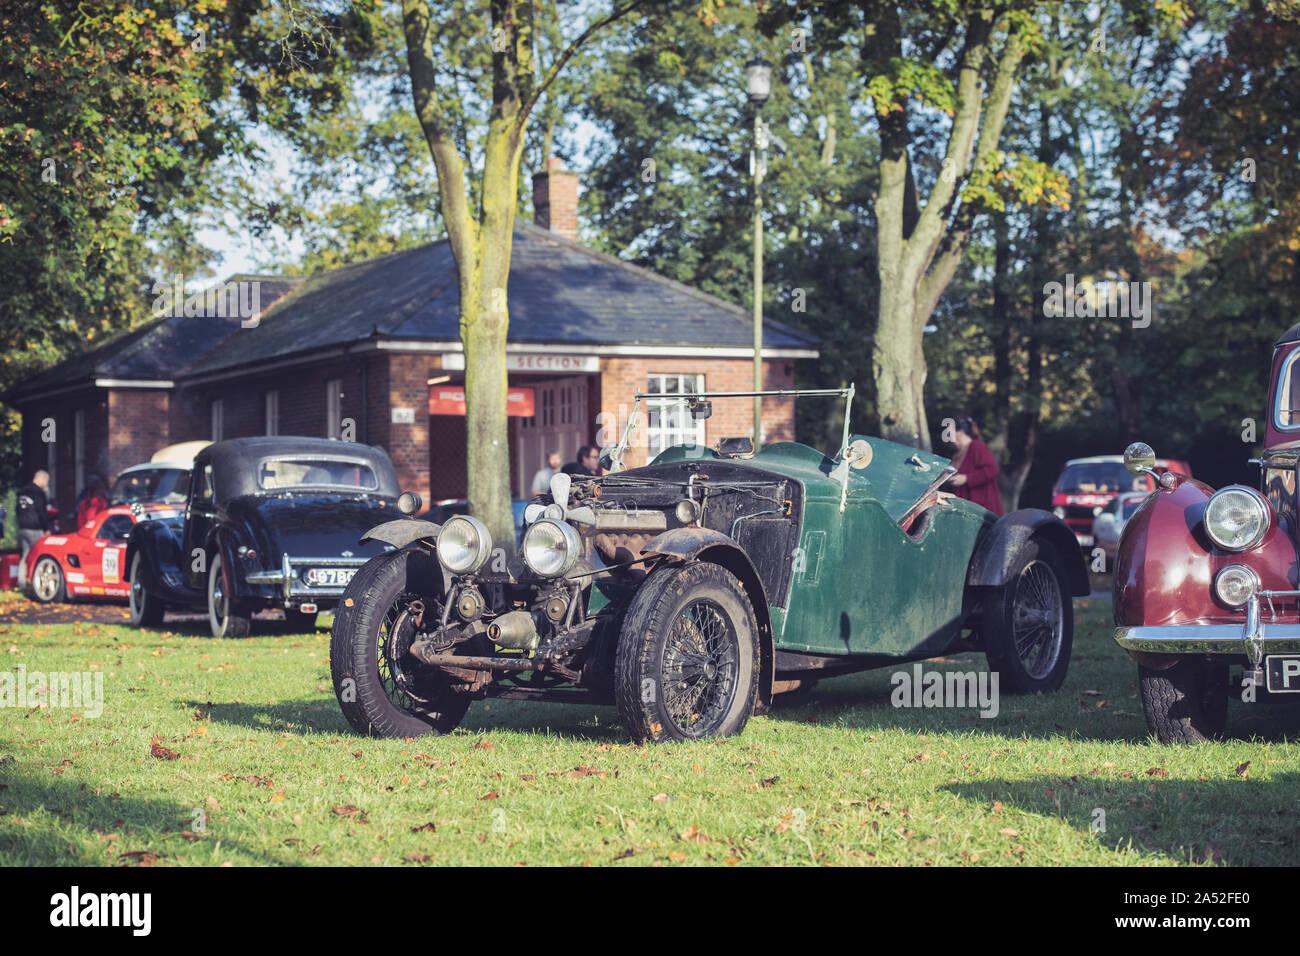 Unrestaurierten Oldtimer Riley Auto bereit für die Wiederherstellung im Bicester Heritage Center Sonntag Jagtfall. Oxfordshire, England. Vintage Filter angewendet Stockfoto